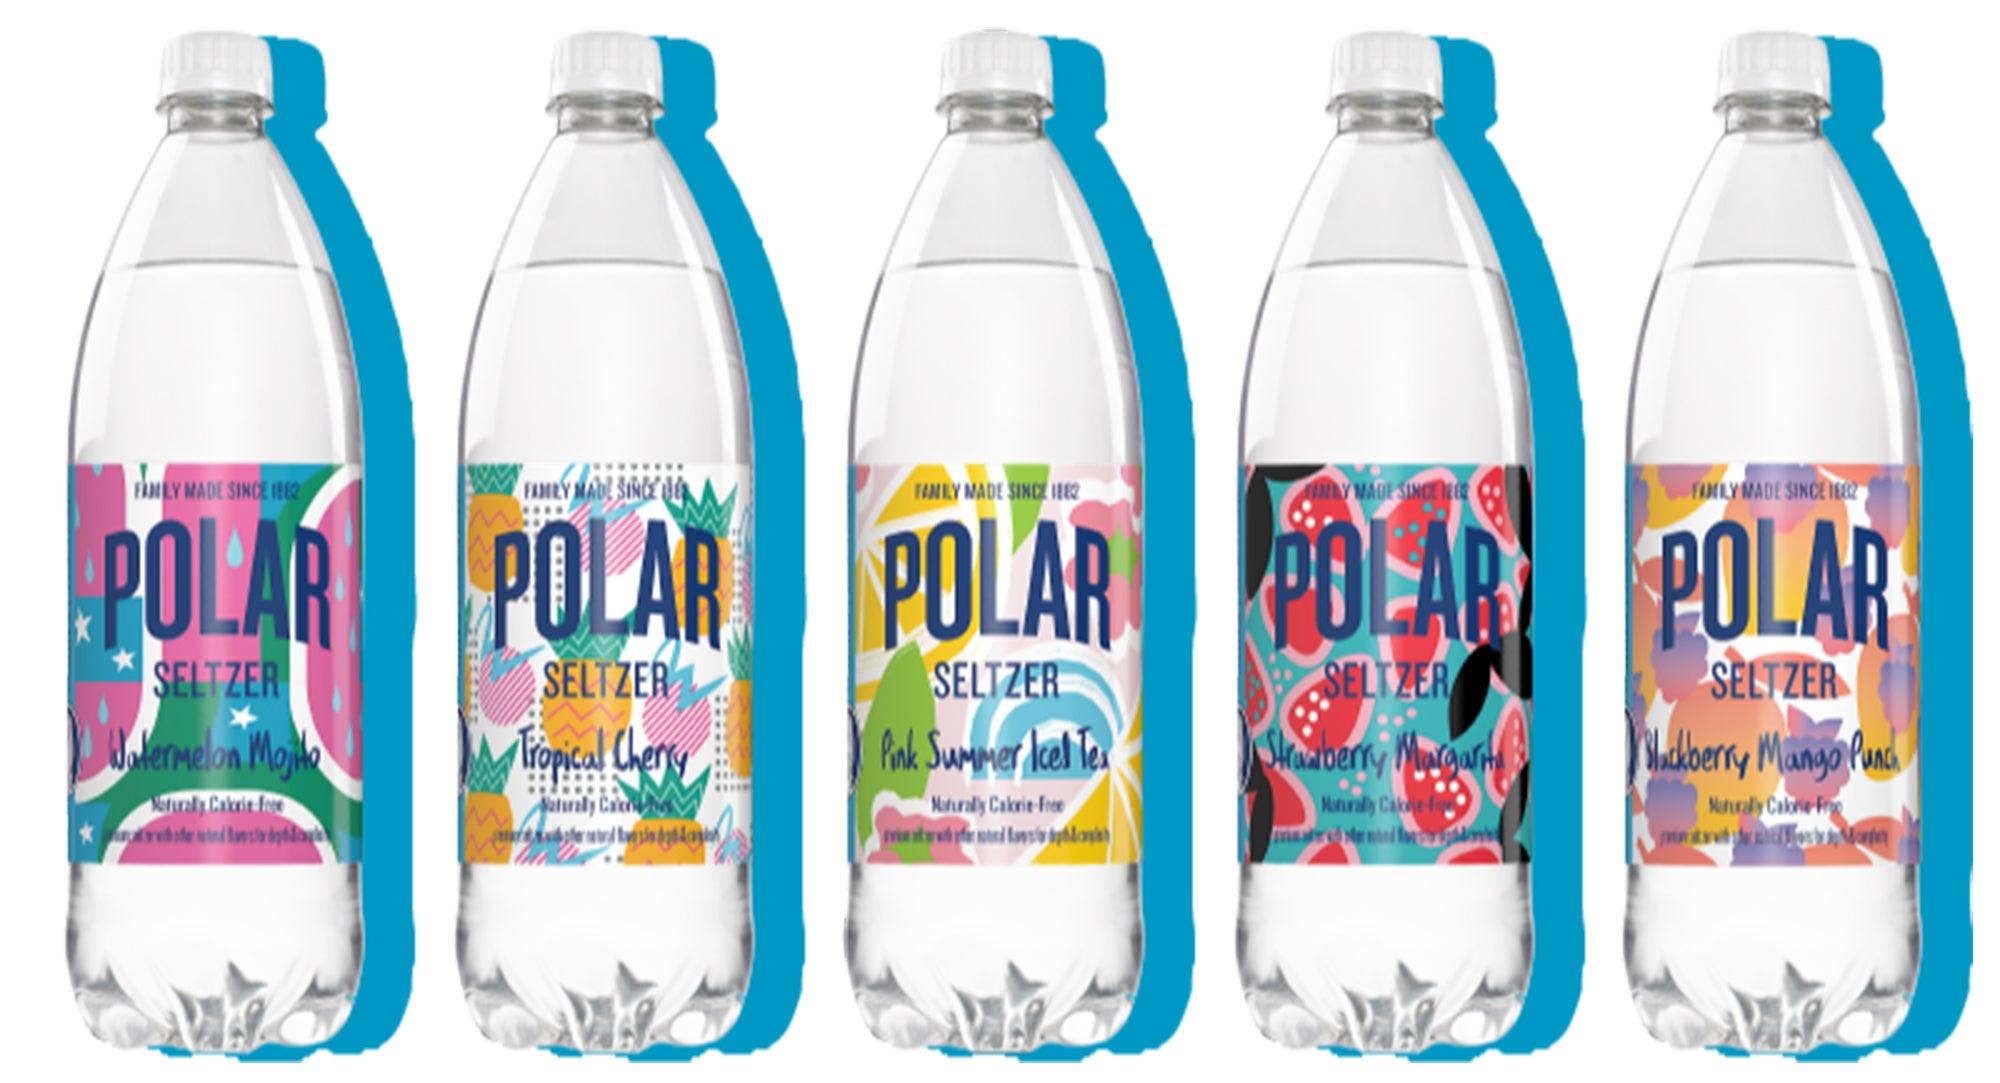 Polar Seltzer 2021 summer collection